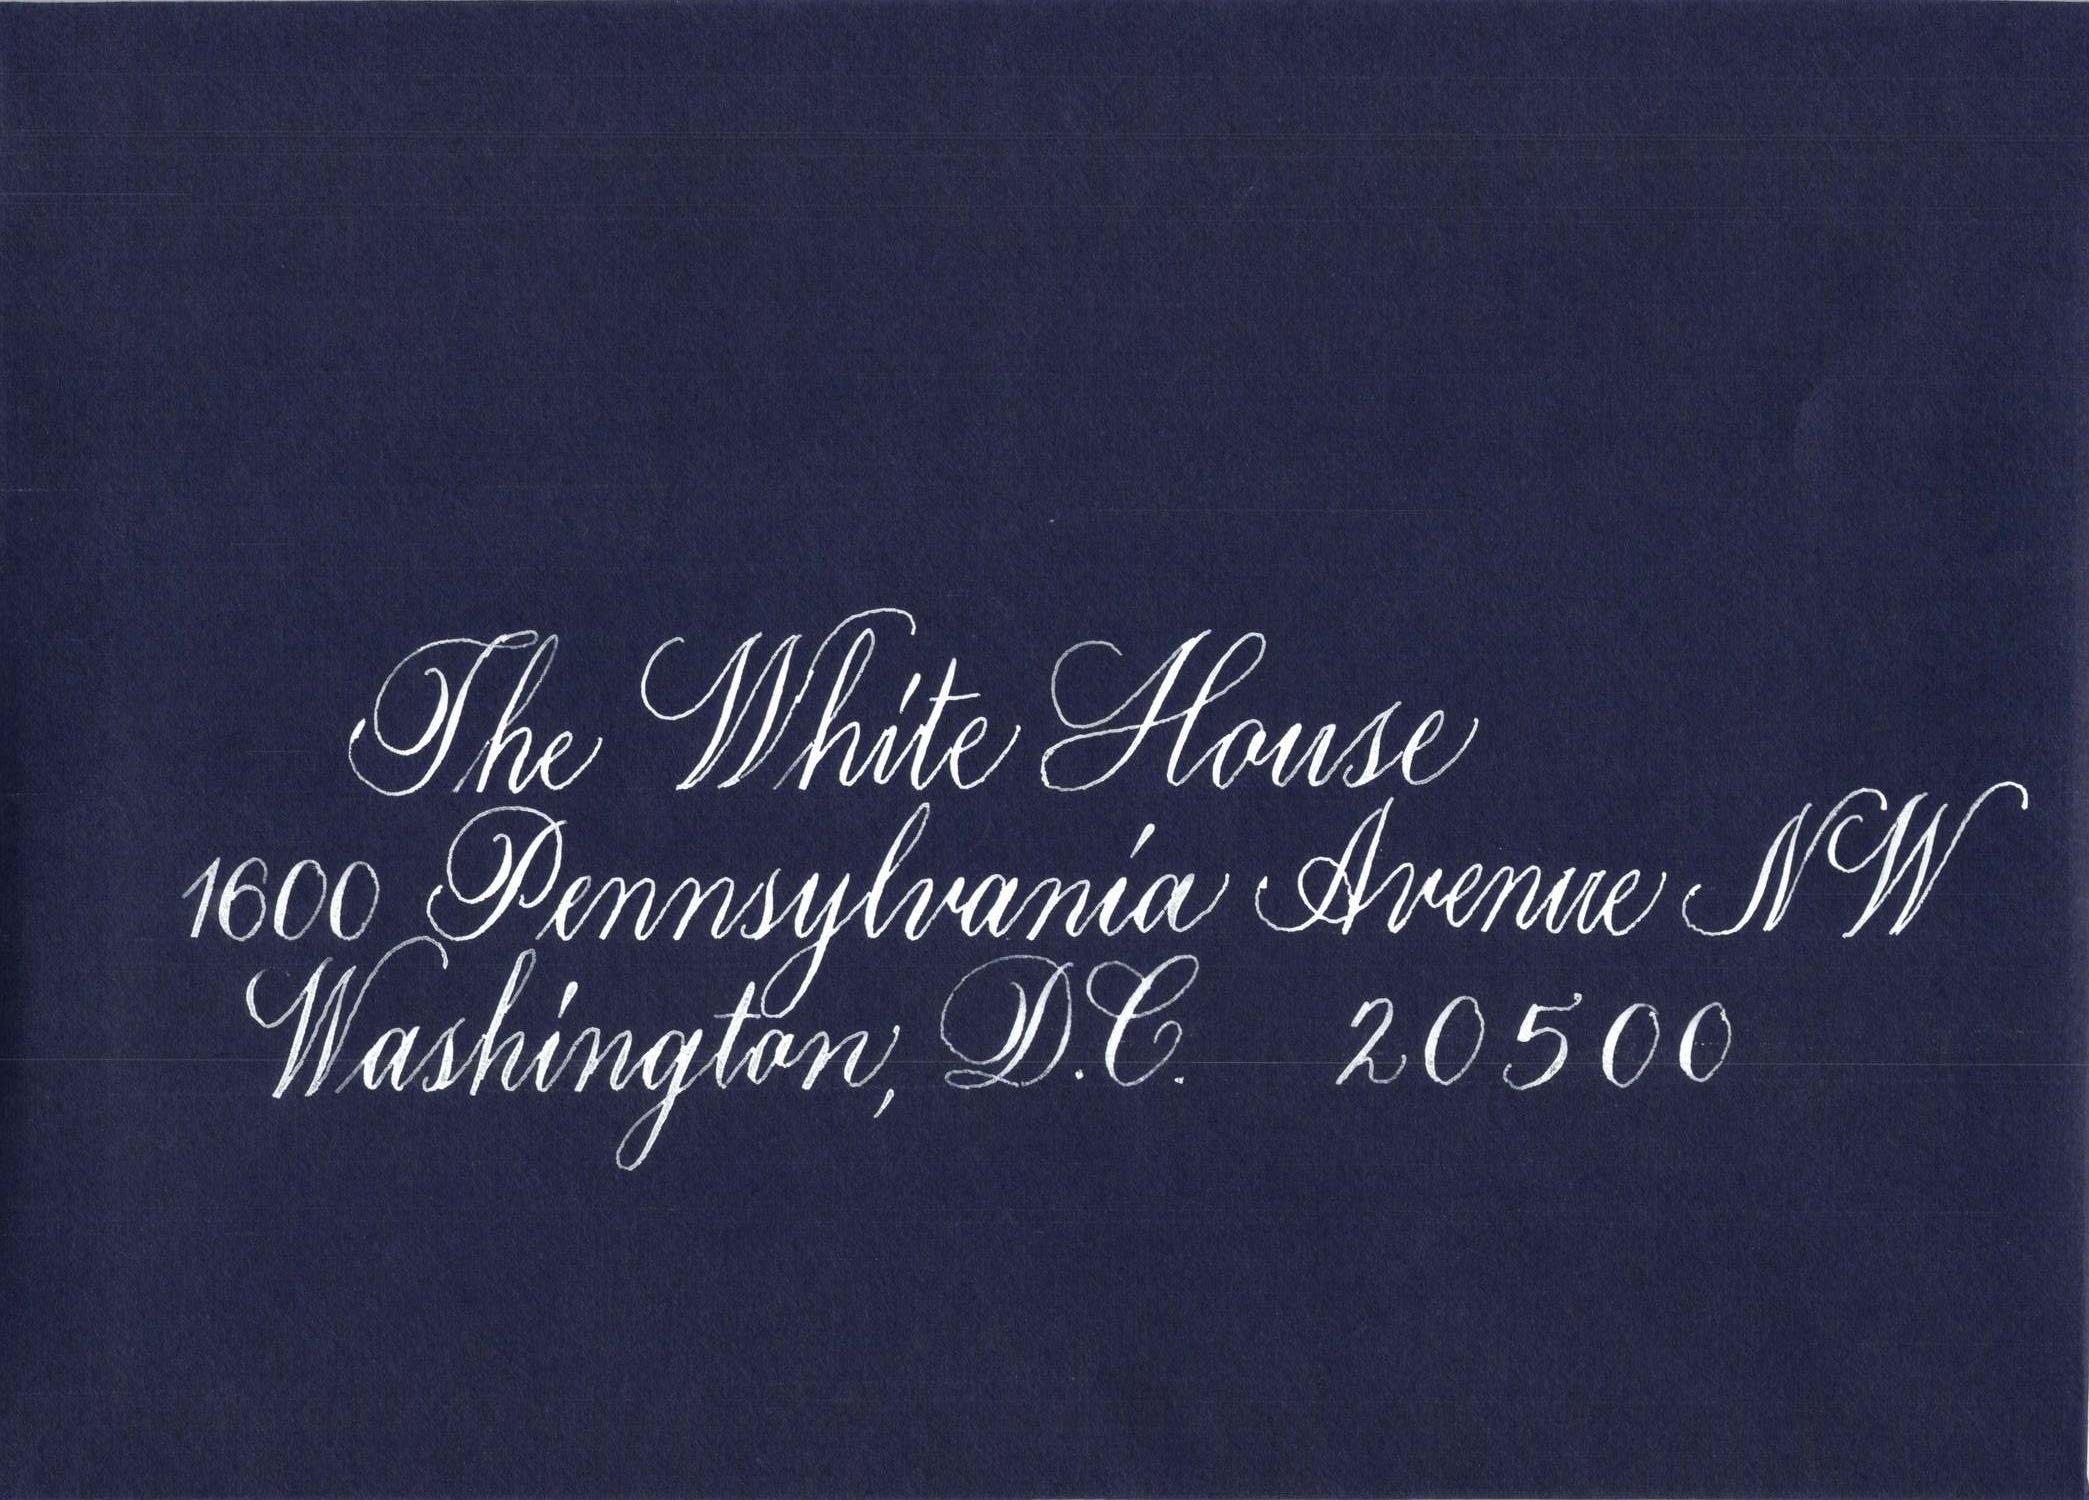 The White House Envelope.jpg